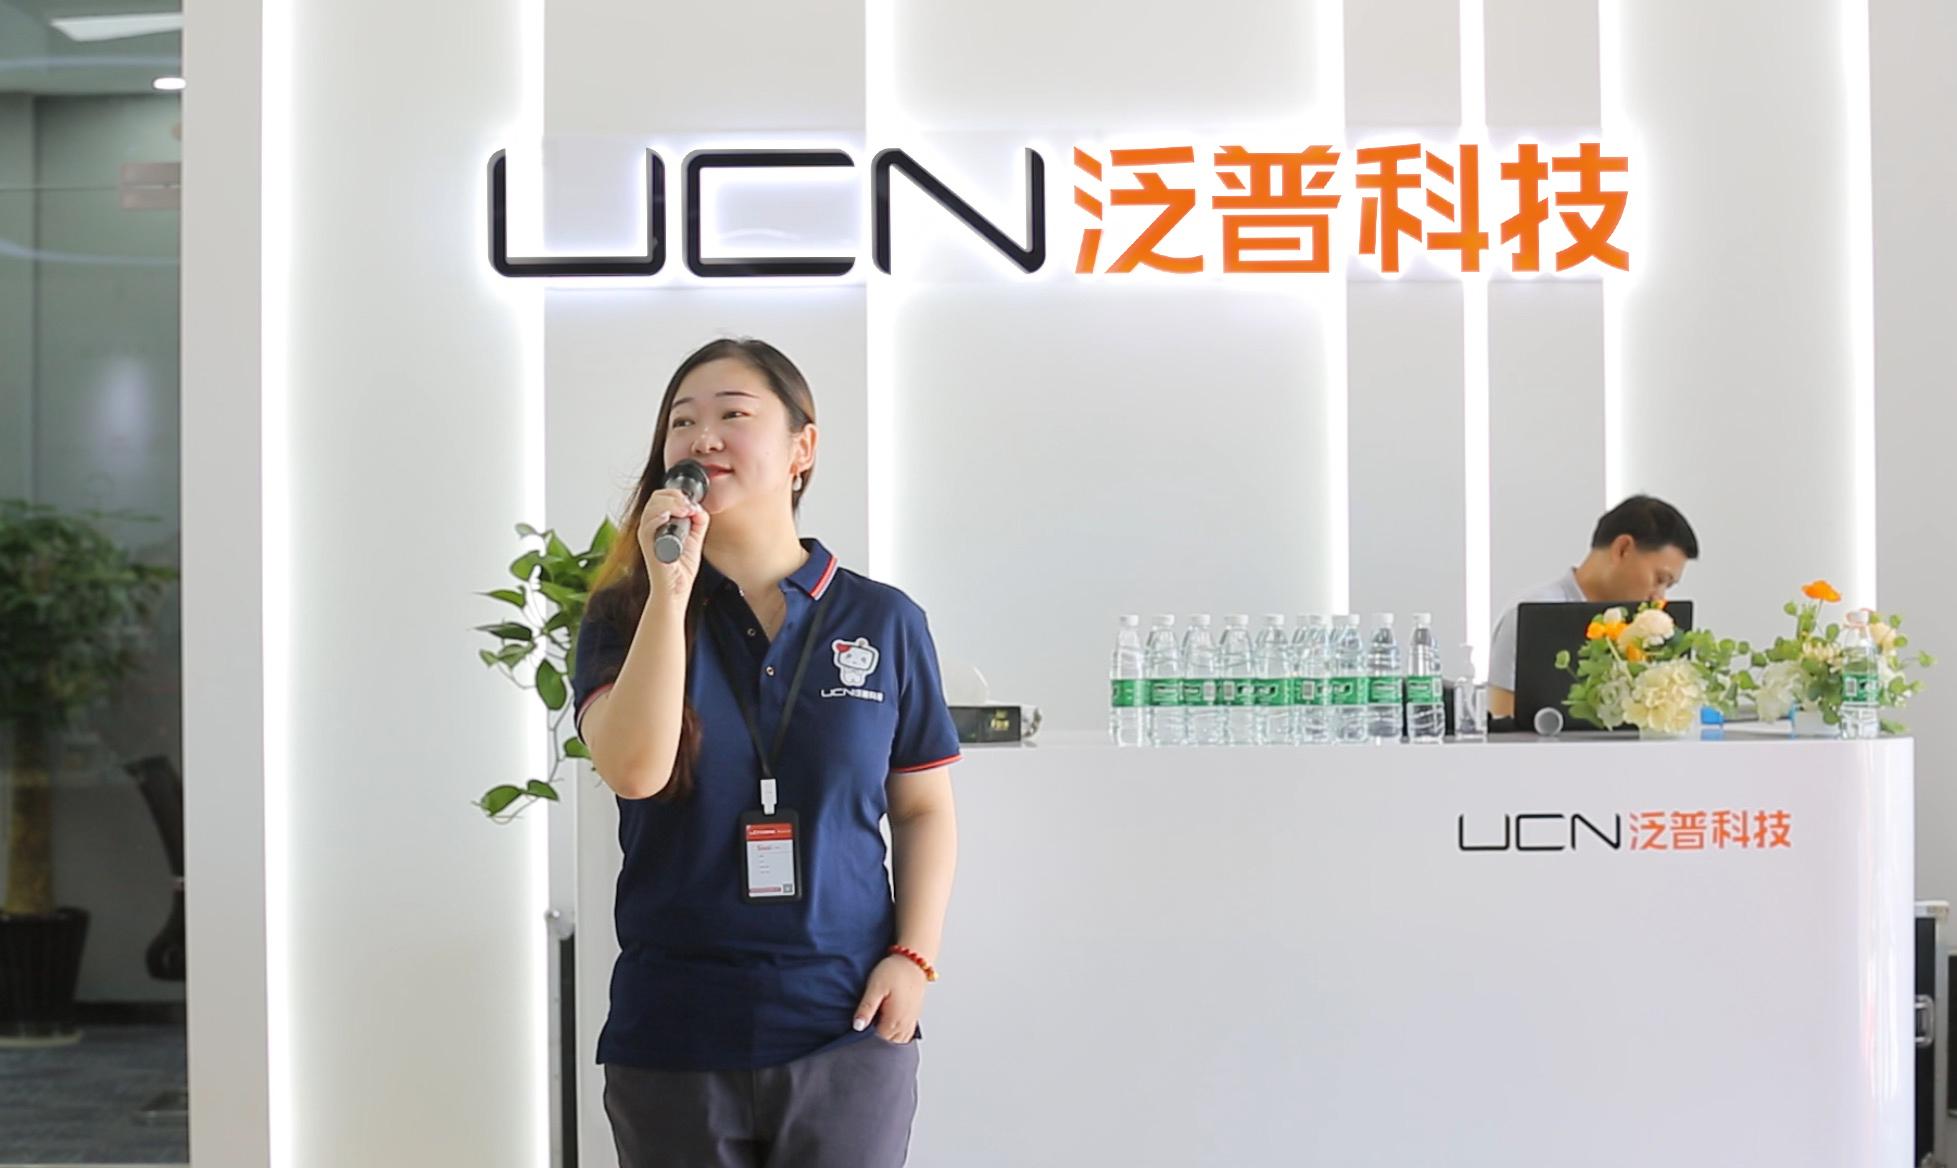 湖南亚搏体育官网登录科技有限公司开业典礼(图3)